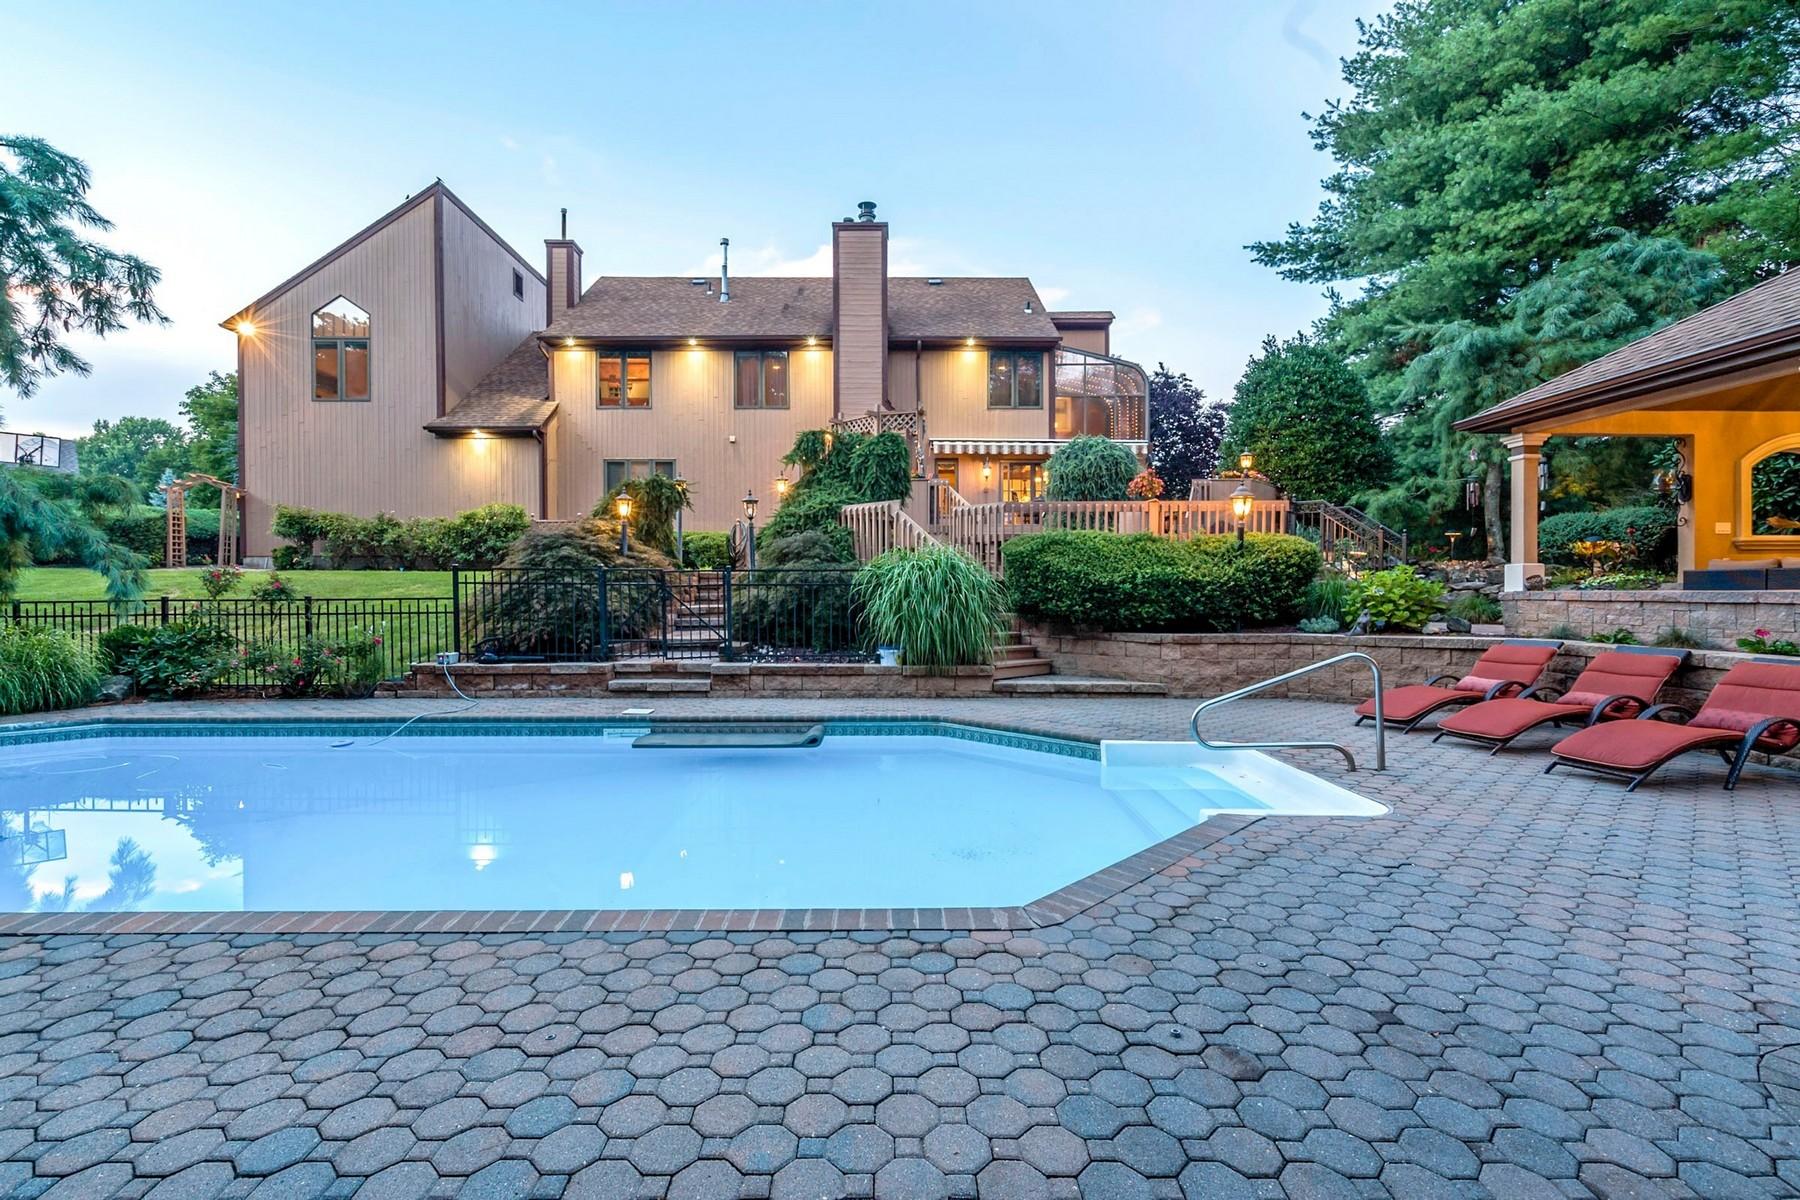 Частный односемейный дом для того Продажа на 11 Brandywine Way, Middletown Middletown, Нью-Джерси 07748 Соединенные Штаты